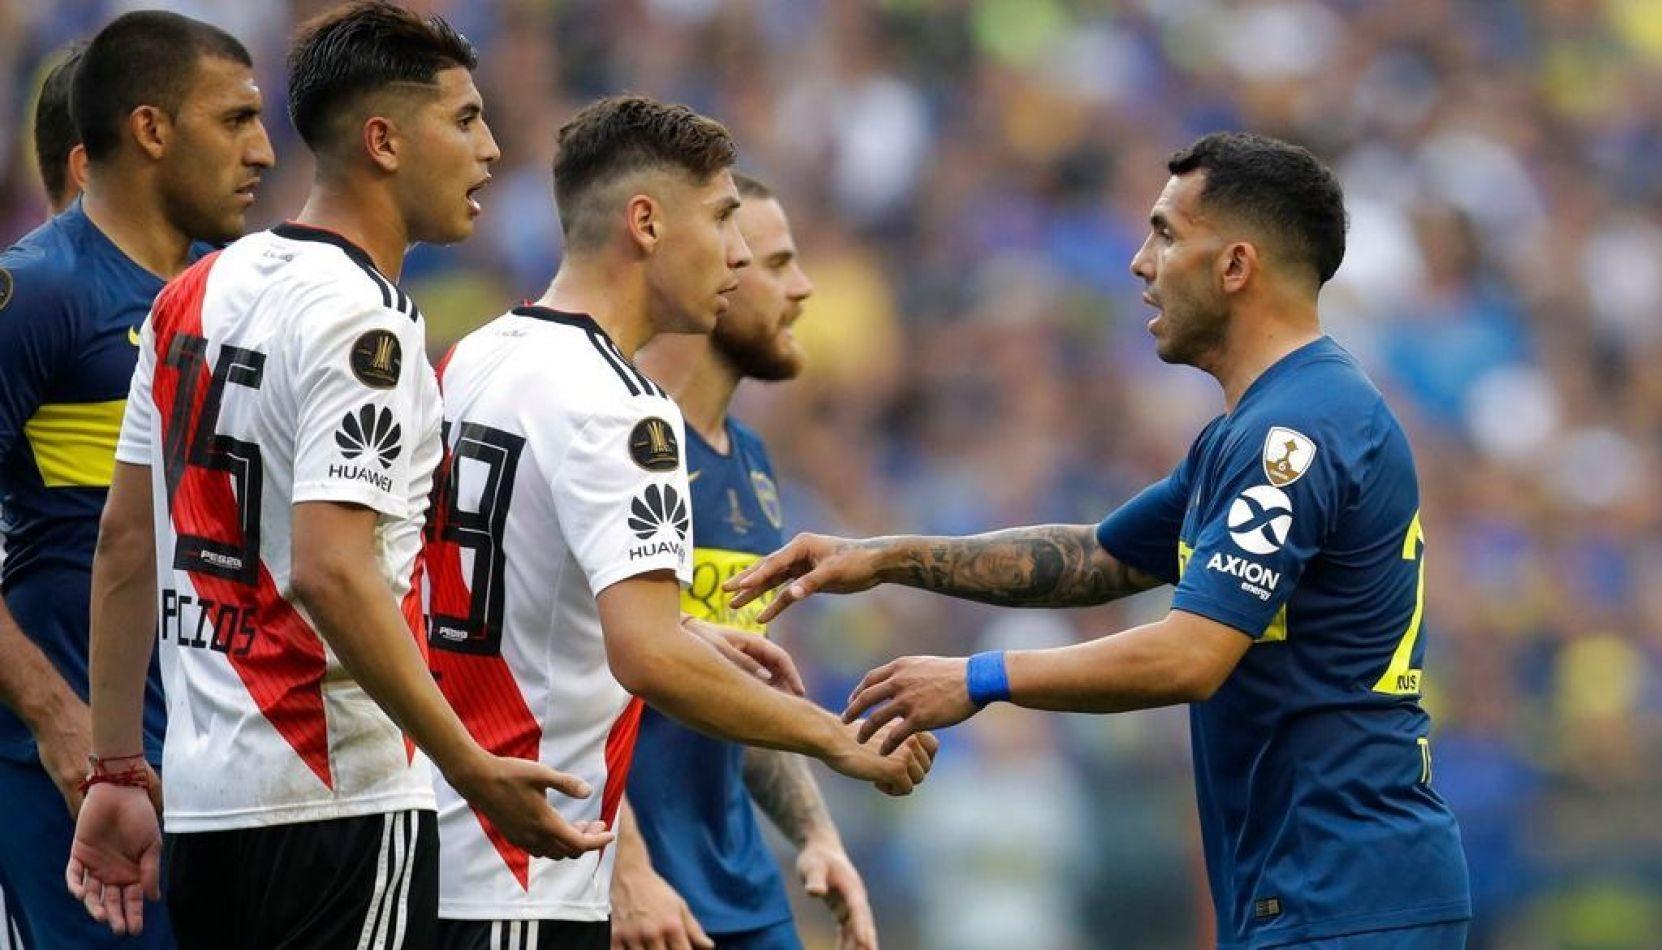 Partido vibrante: Boca y River empataron 2 a 2 en la primera superfinal